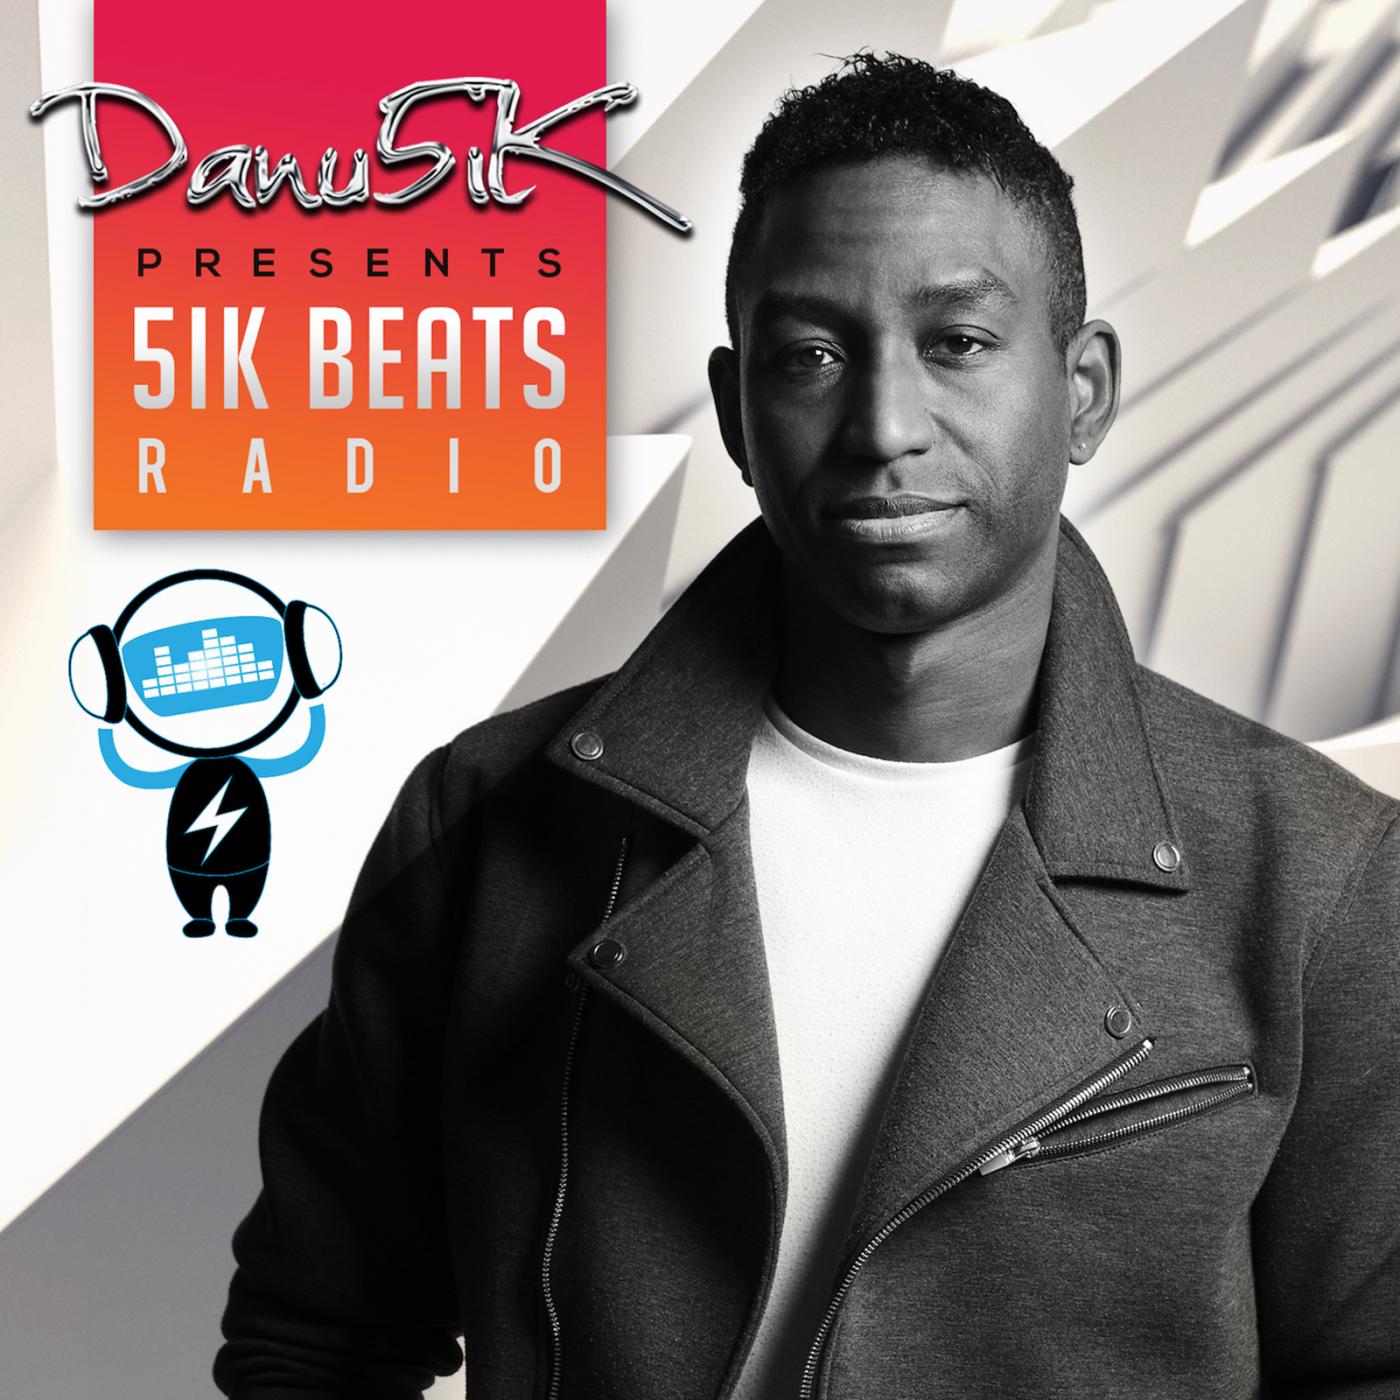 5ik Beats Radio 111 | Danu5ik